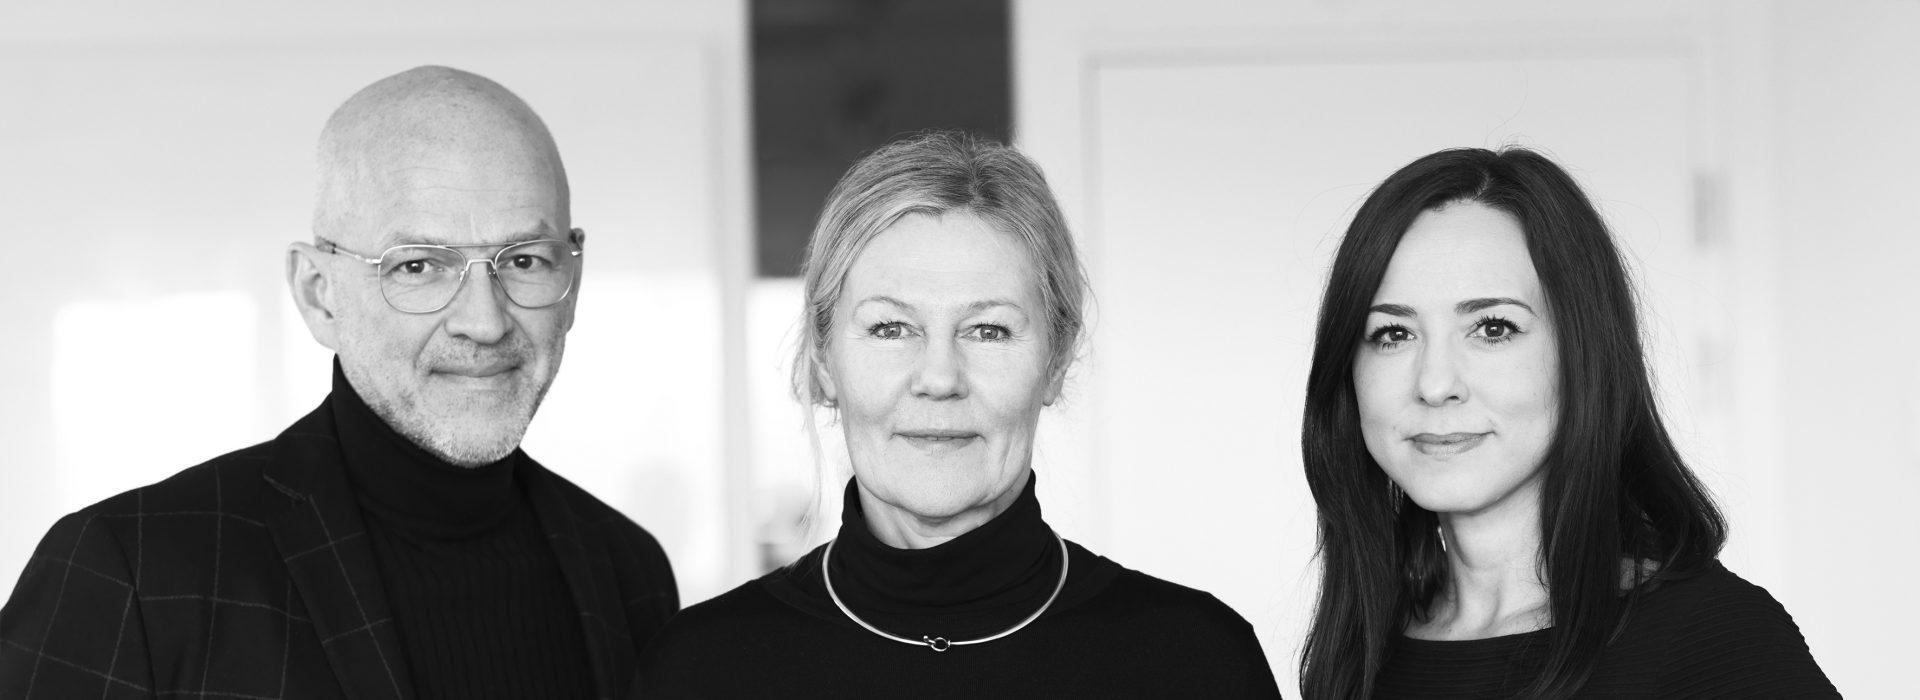 TEA Thomas Eriksson Arkitekter